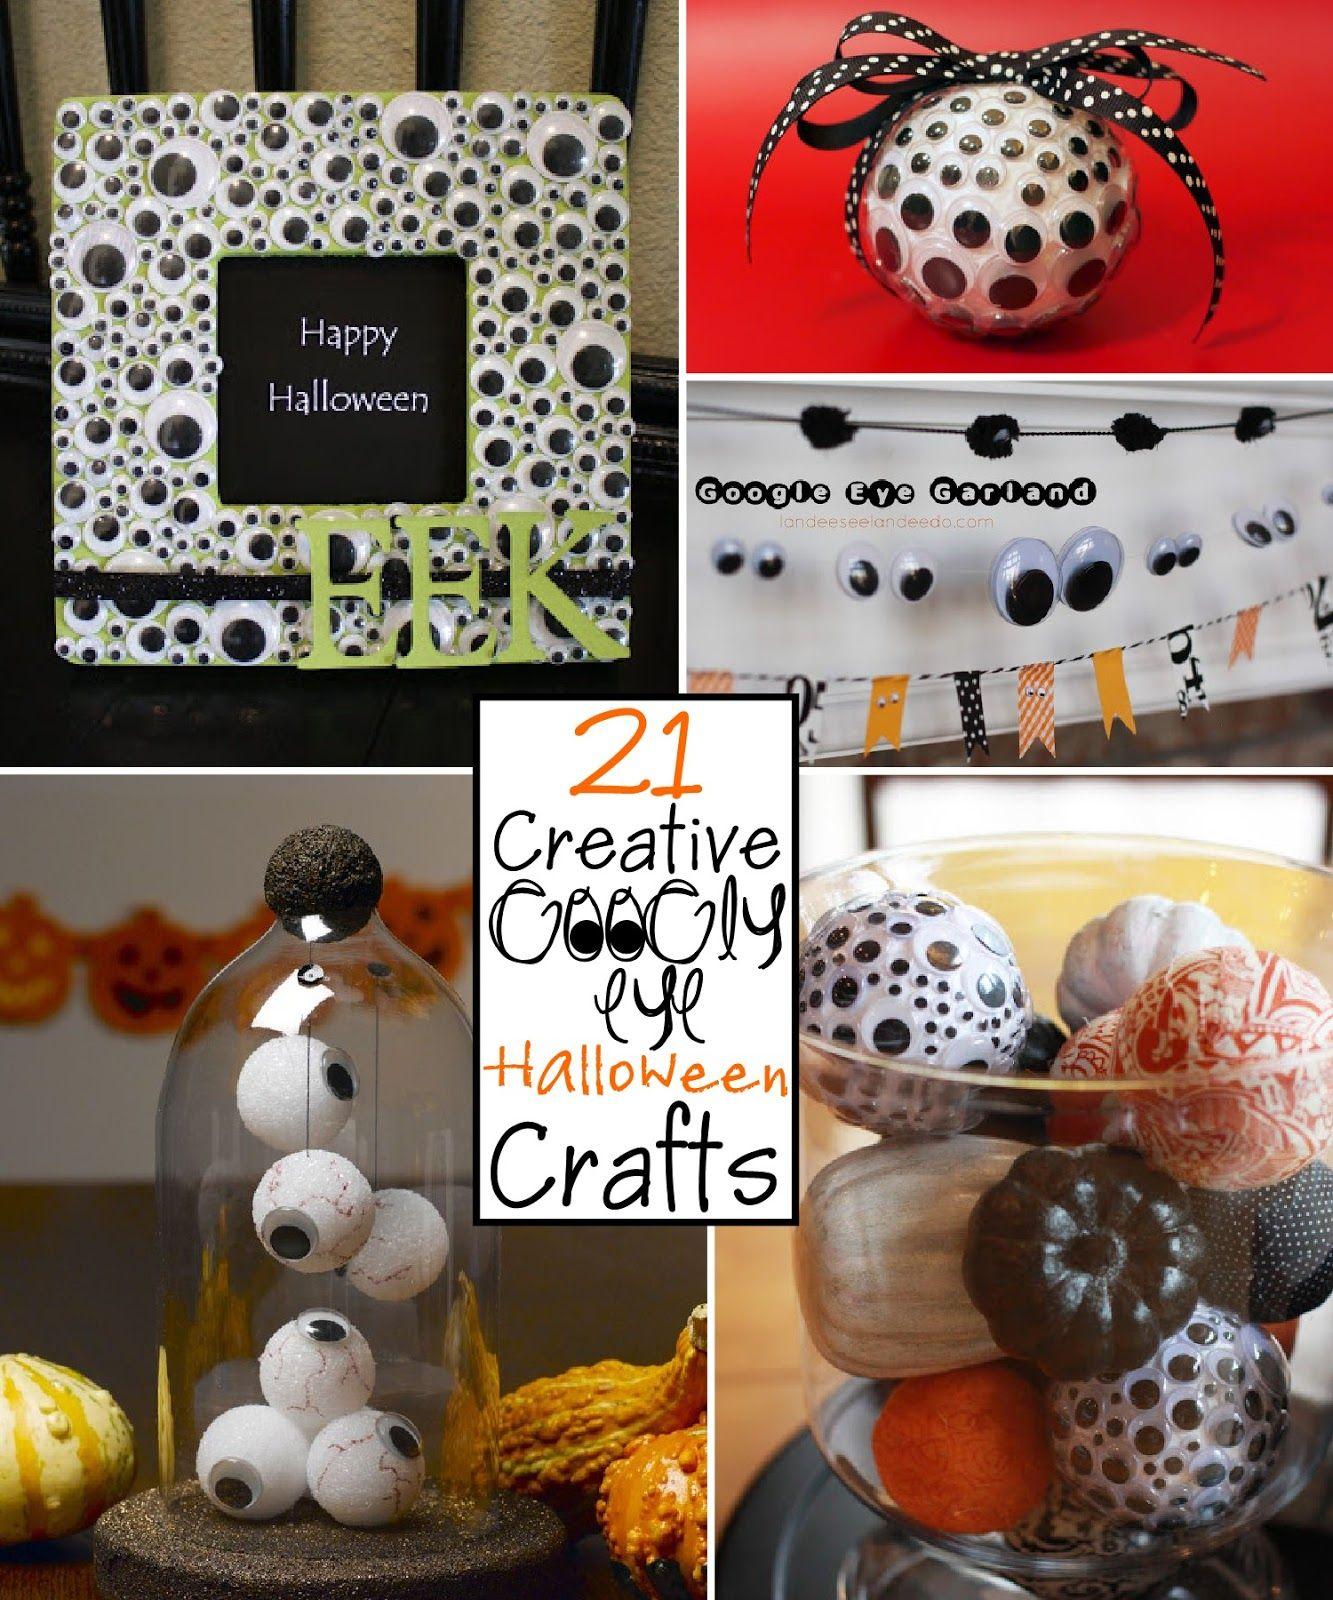 21 Creative Googly Eye Halloween Crafts Halloween Crafts Halloween Diy Crafts Crafts